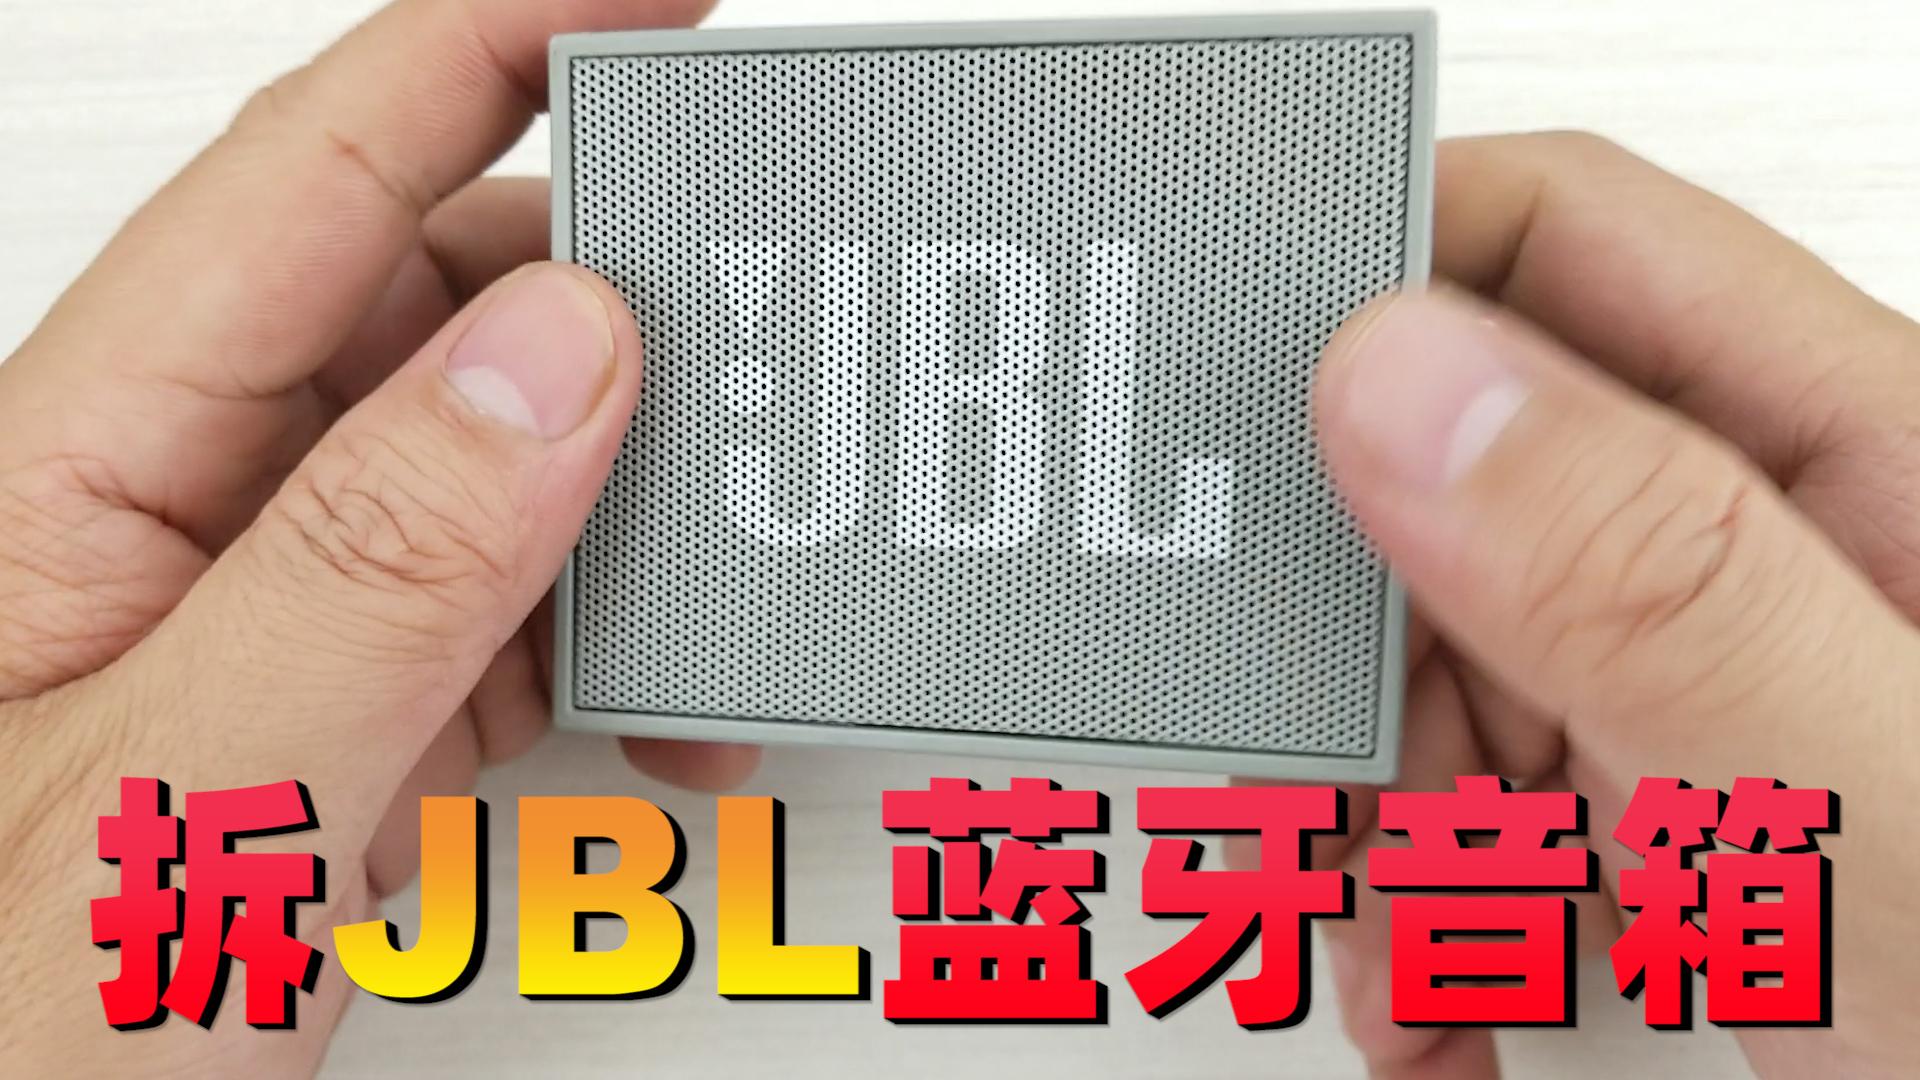 拆解JBL蓝牙音箱,看看大品牌一百多元产品的内部做工和细节